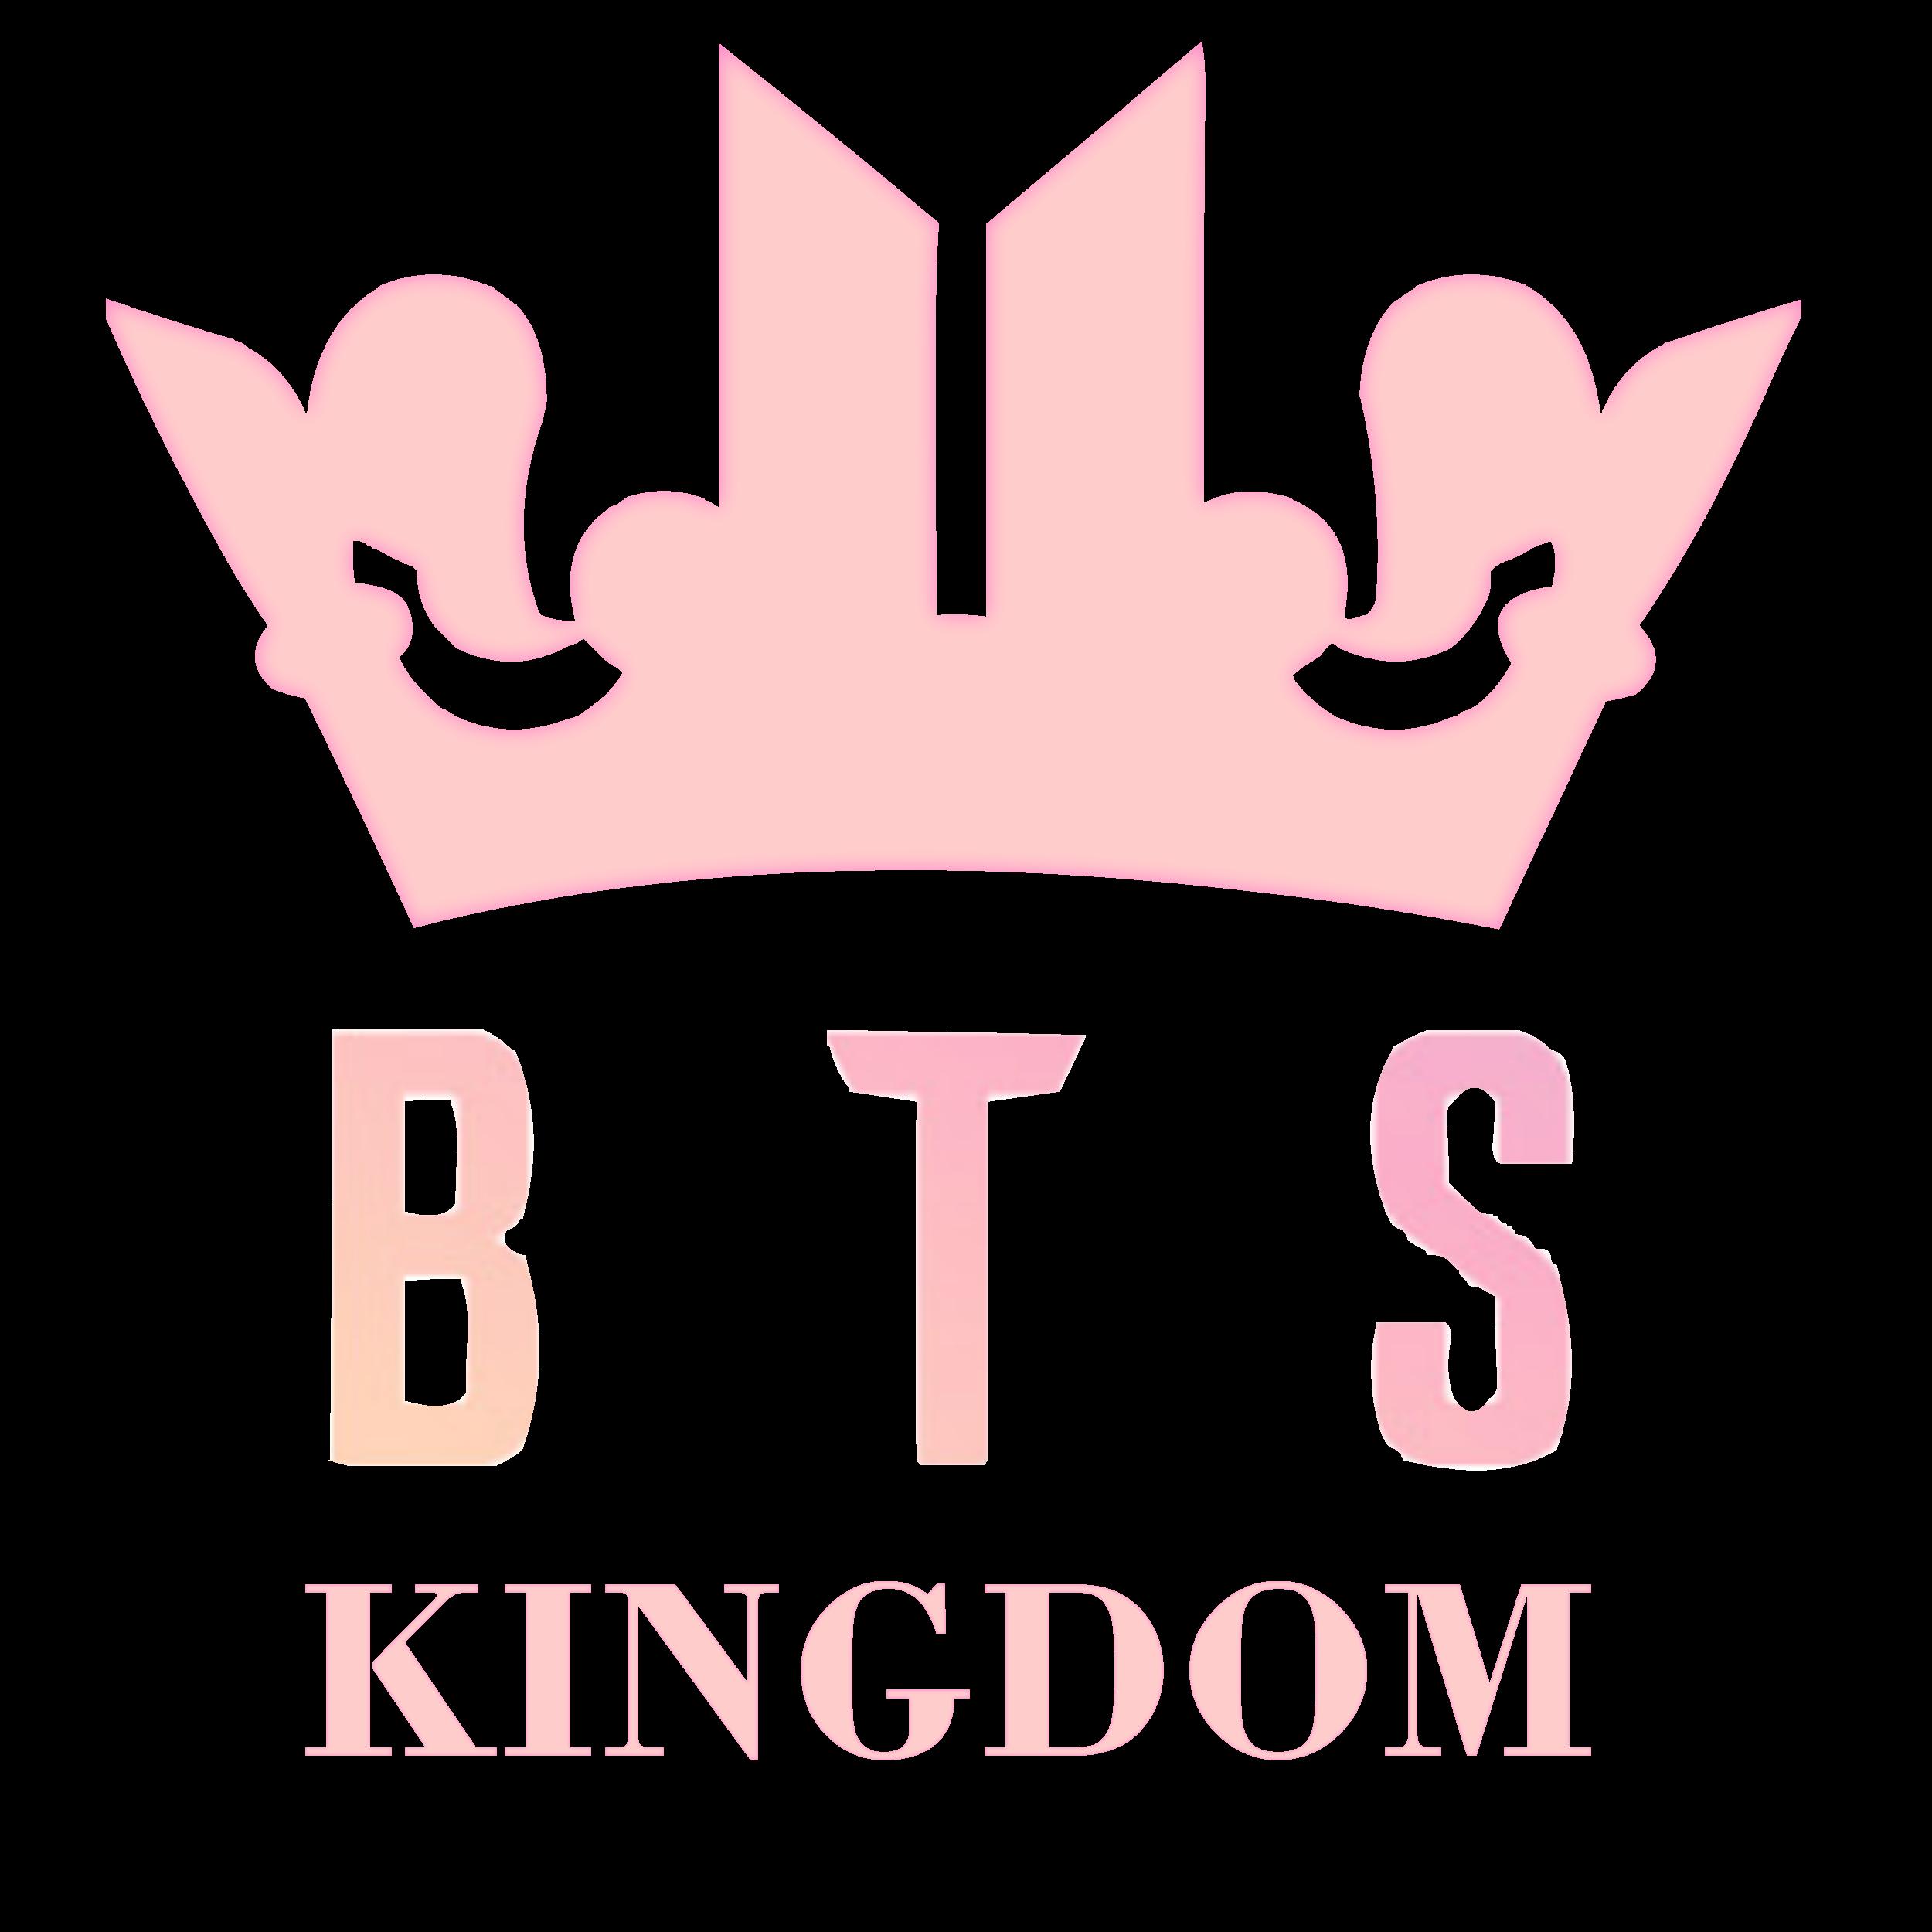 BTS Kingdom official logo